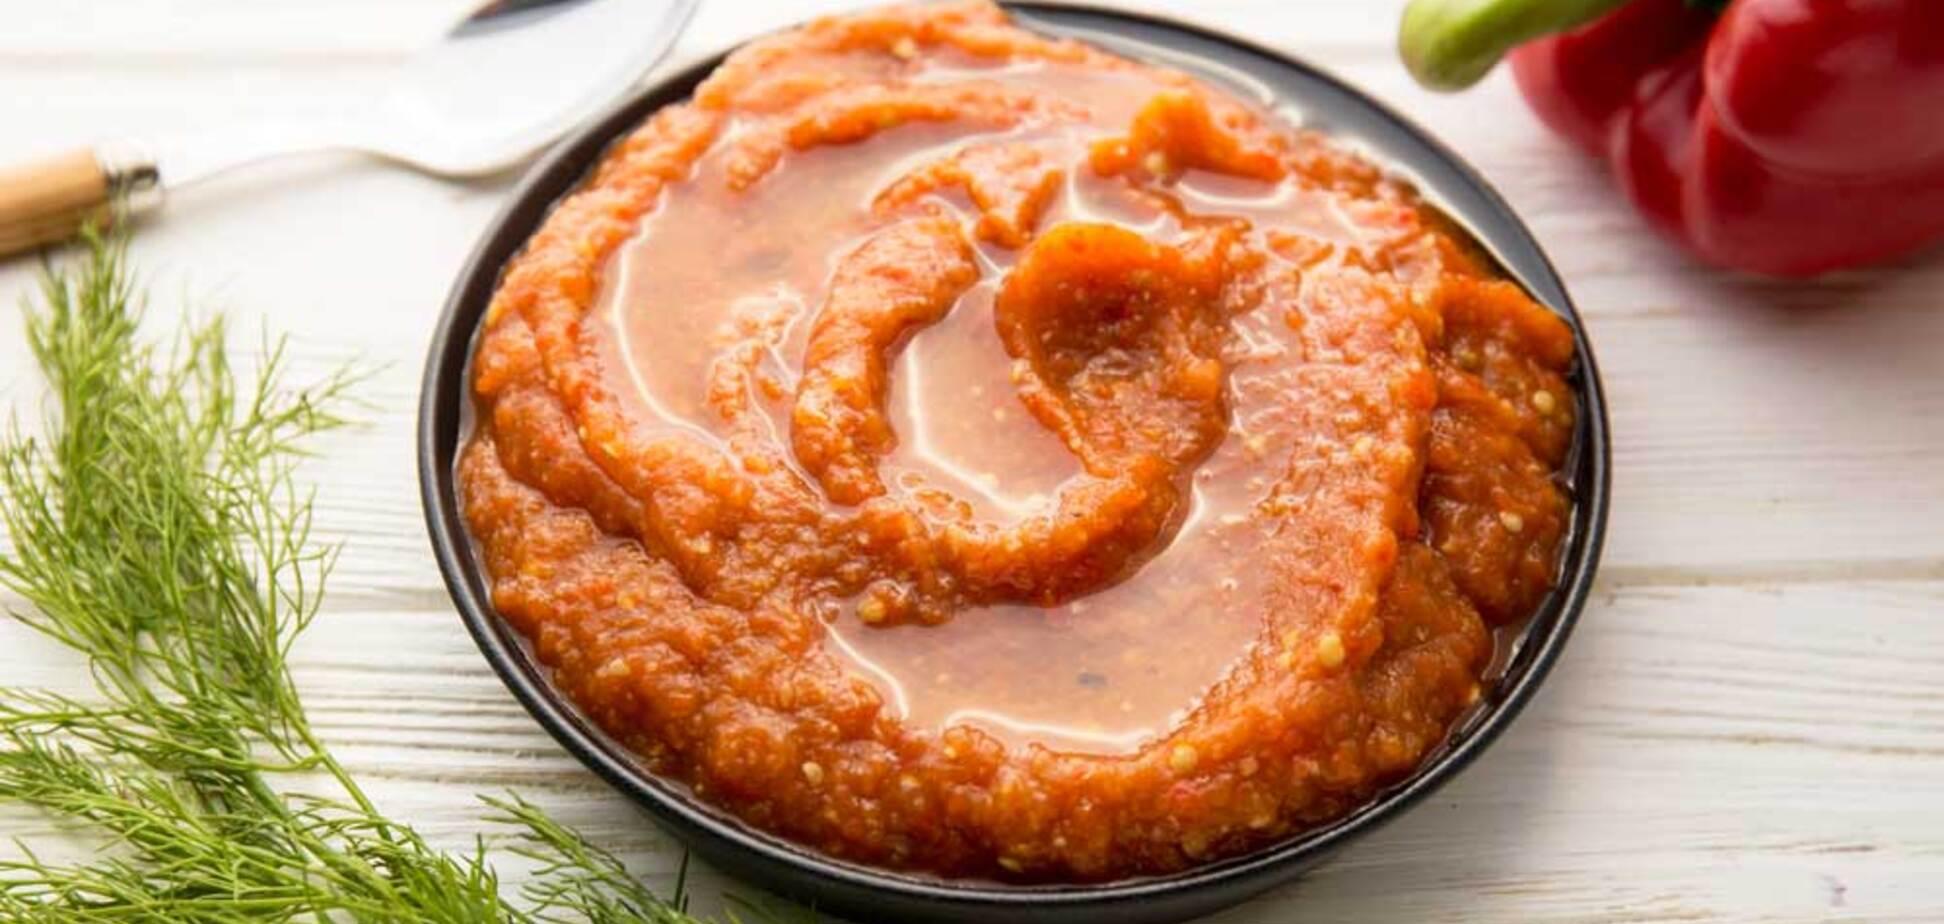 'Просто і смачно': відомий кухар поділився рецептом ікри з овочів